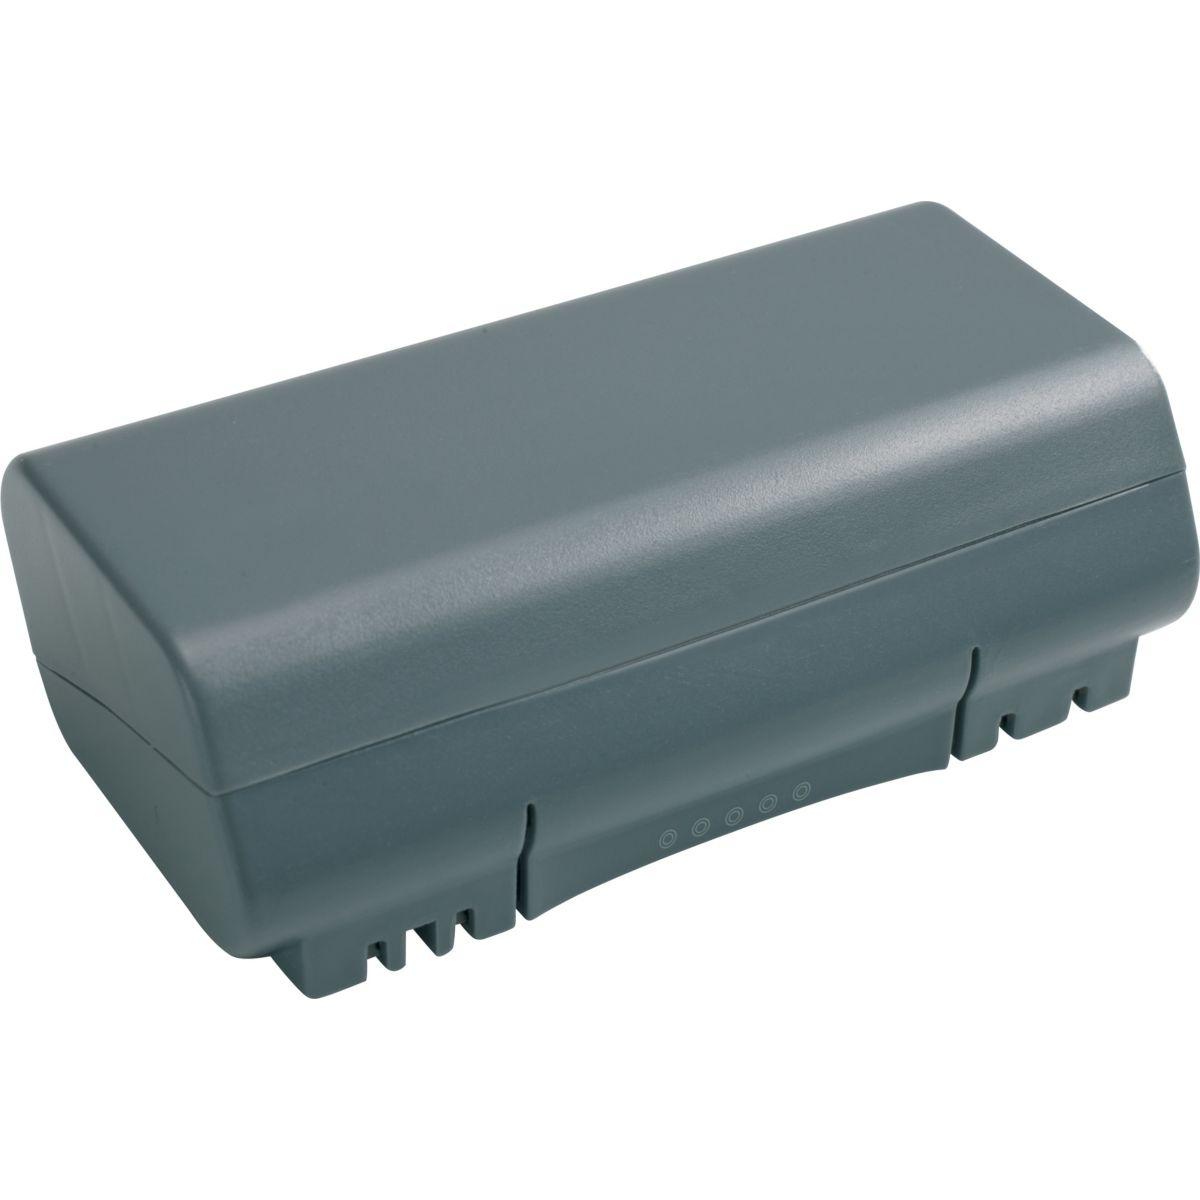 Batterie irobot acc263 batterie scooba - 10% de remise : code pam10